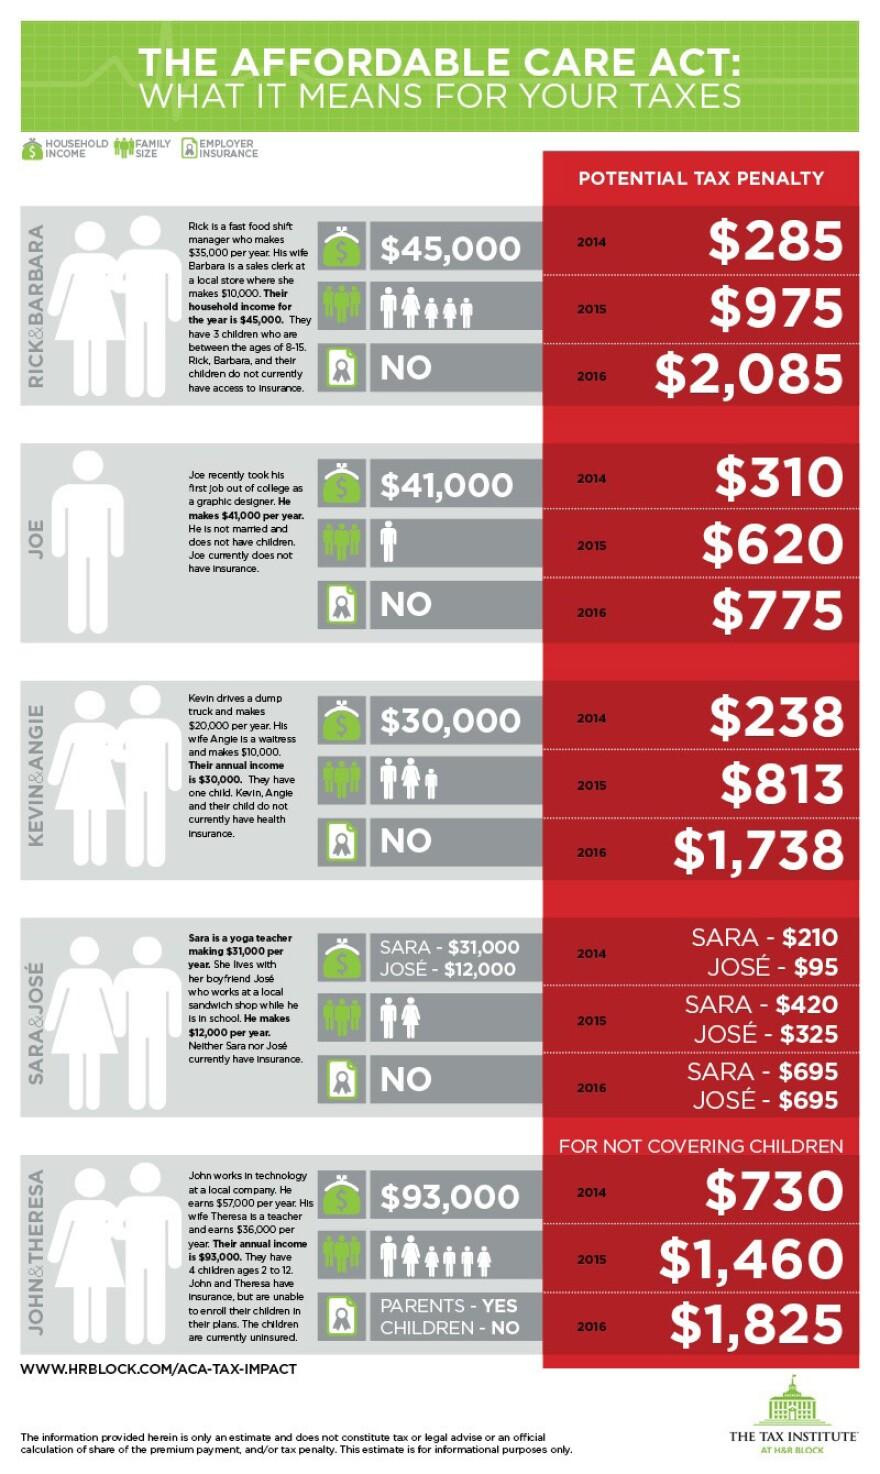 ACA Penalties Infographic